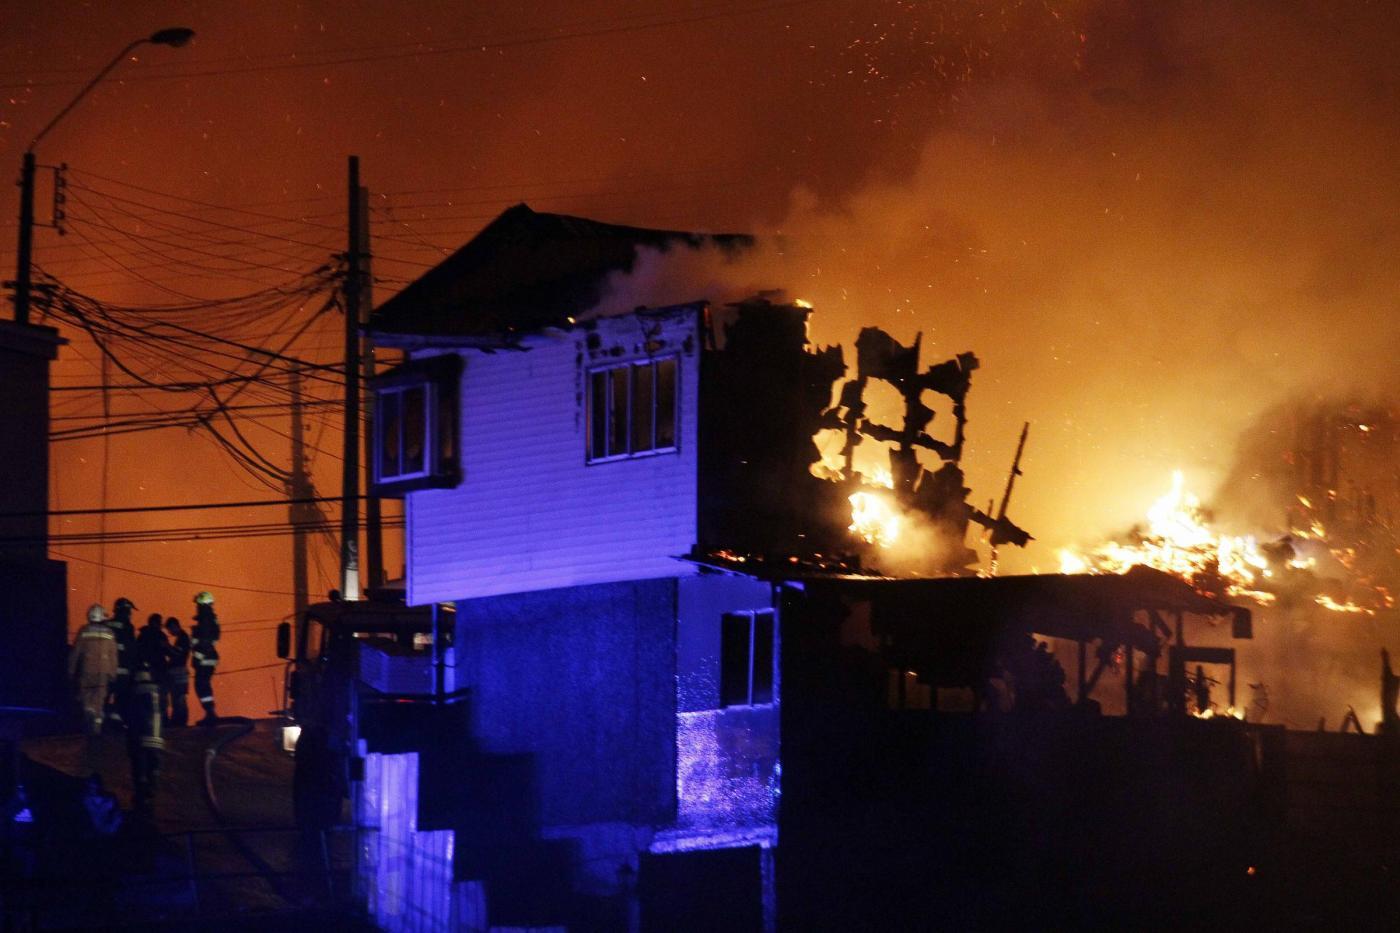 Muore a soli 23 anni in un incendio, la ragazza si è gettata tra le fiamme per salvare il fidanzato